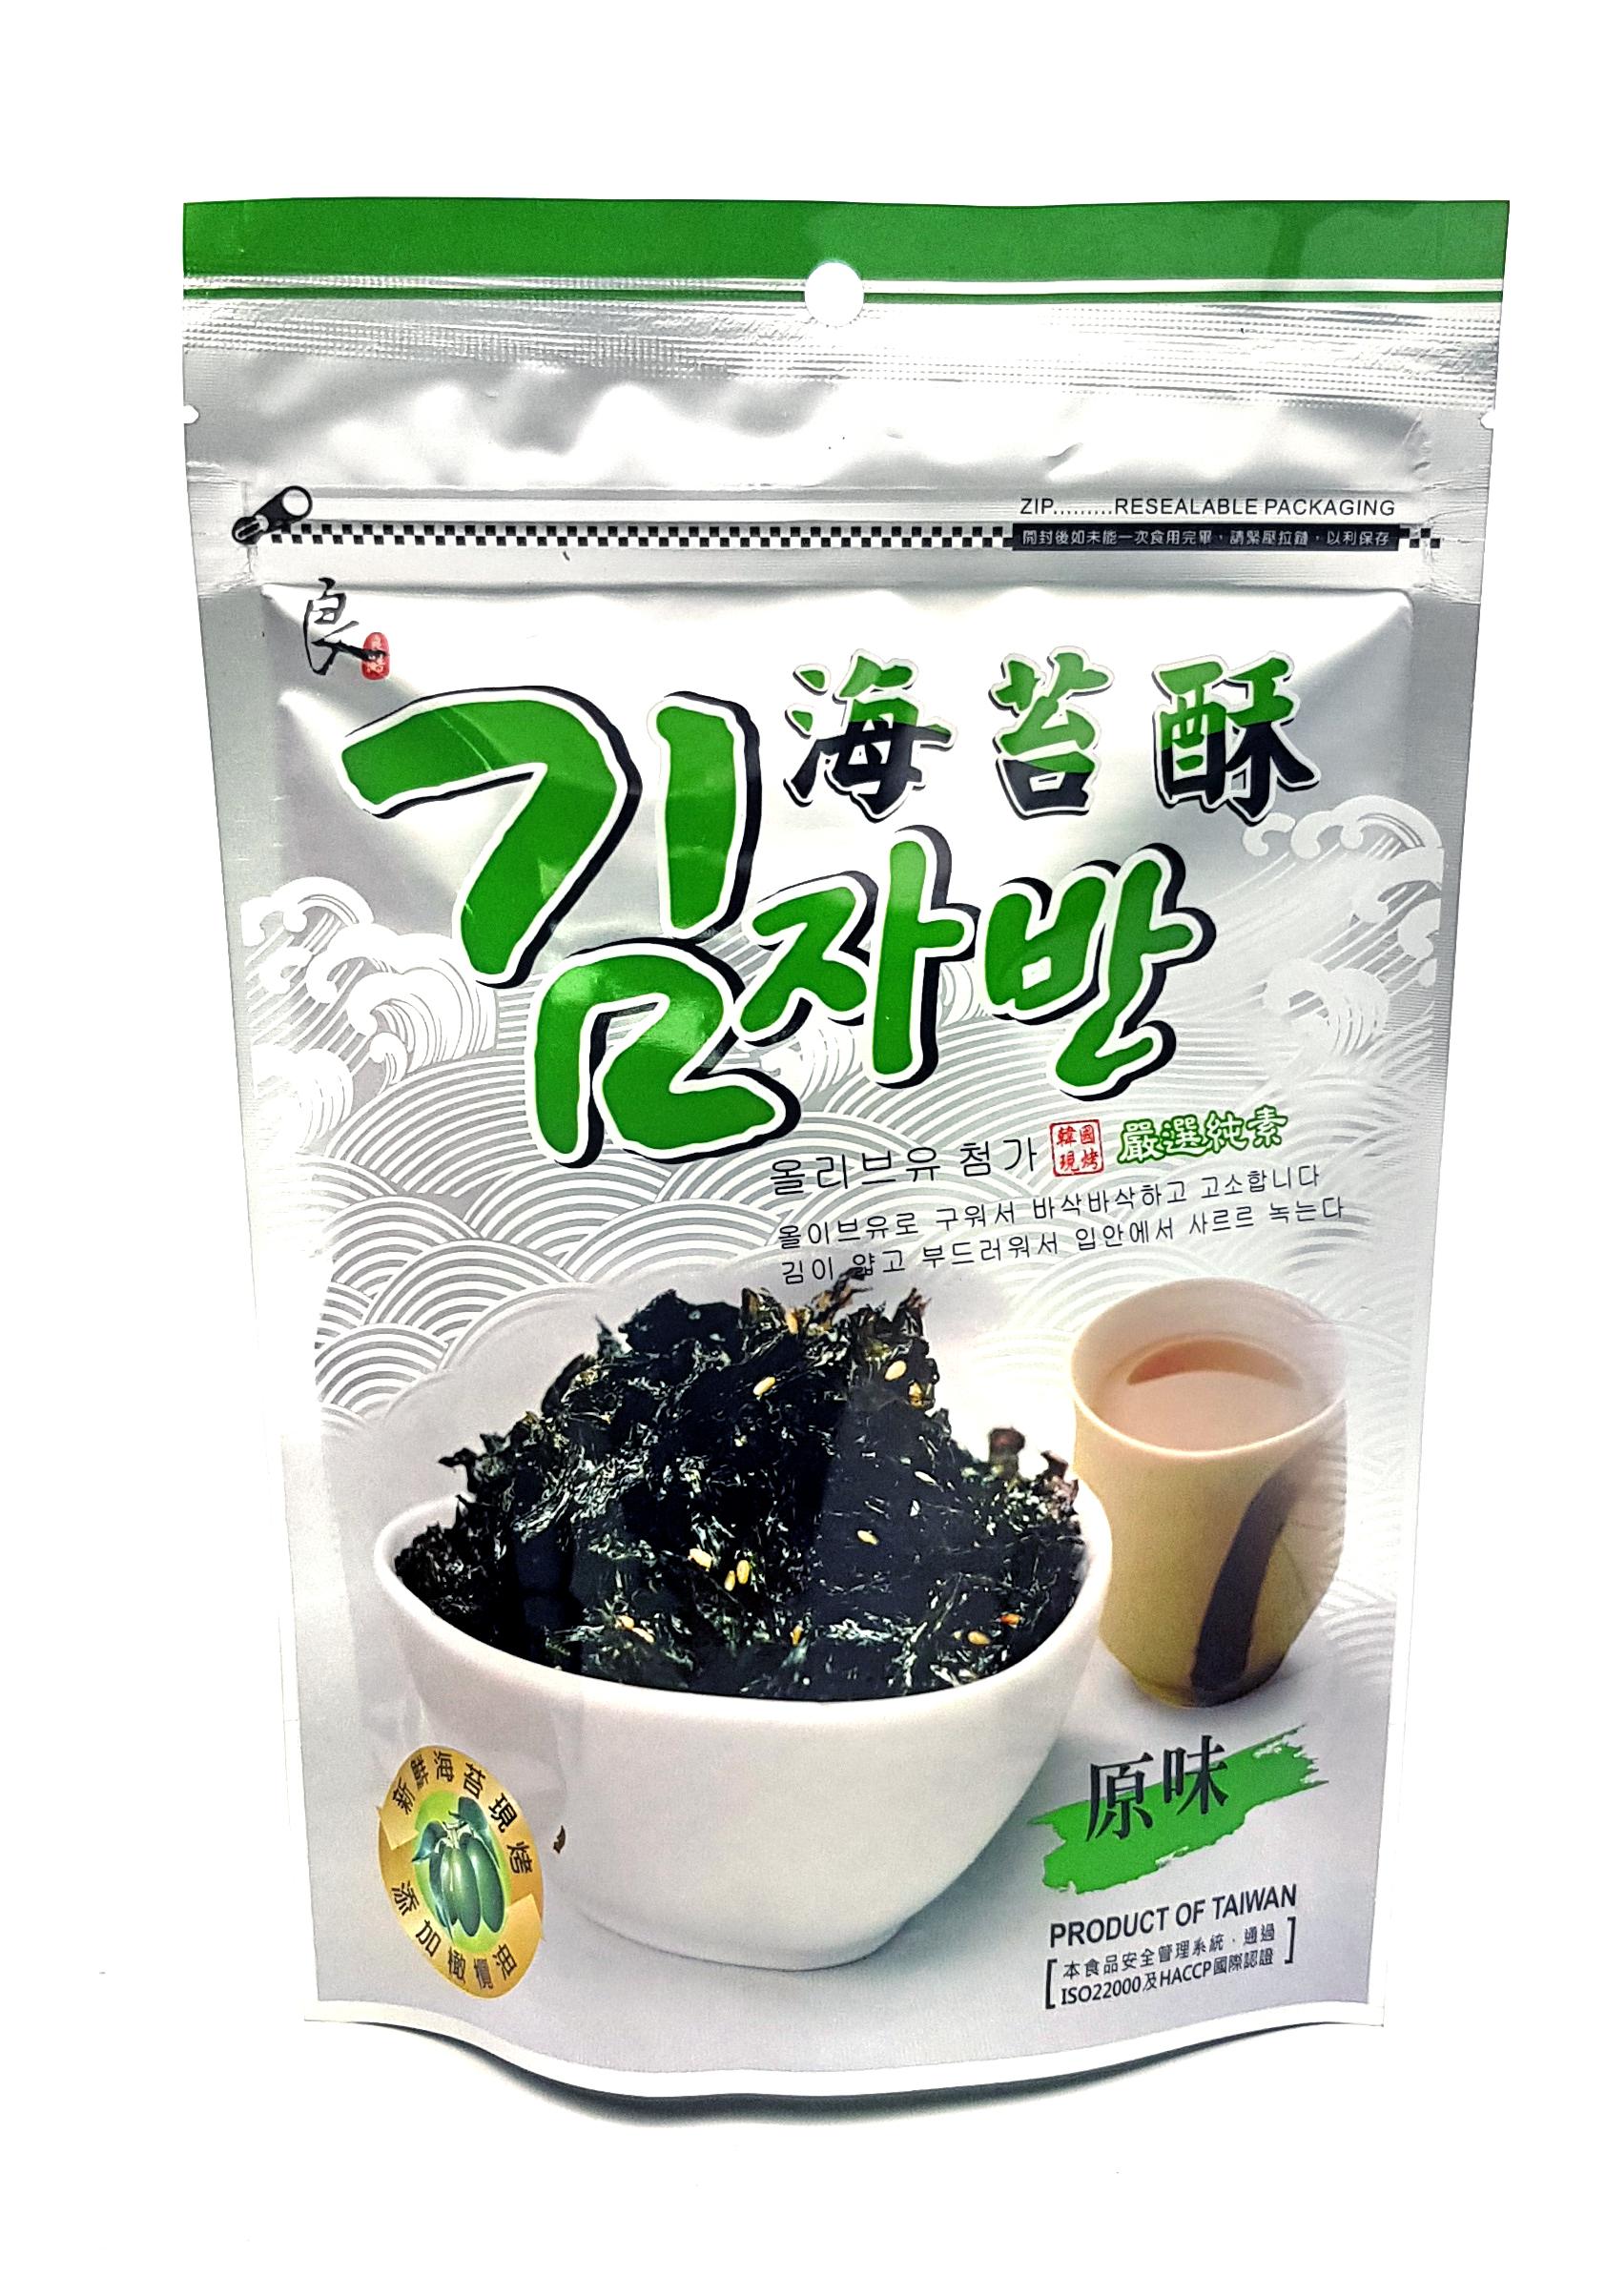 《Chara 微百貨》附發票 超新期效 韓式 韓國 良澔 炒 海苔酥 炒海苔 50g 團購 批發